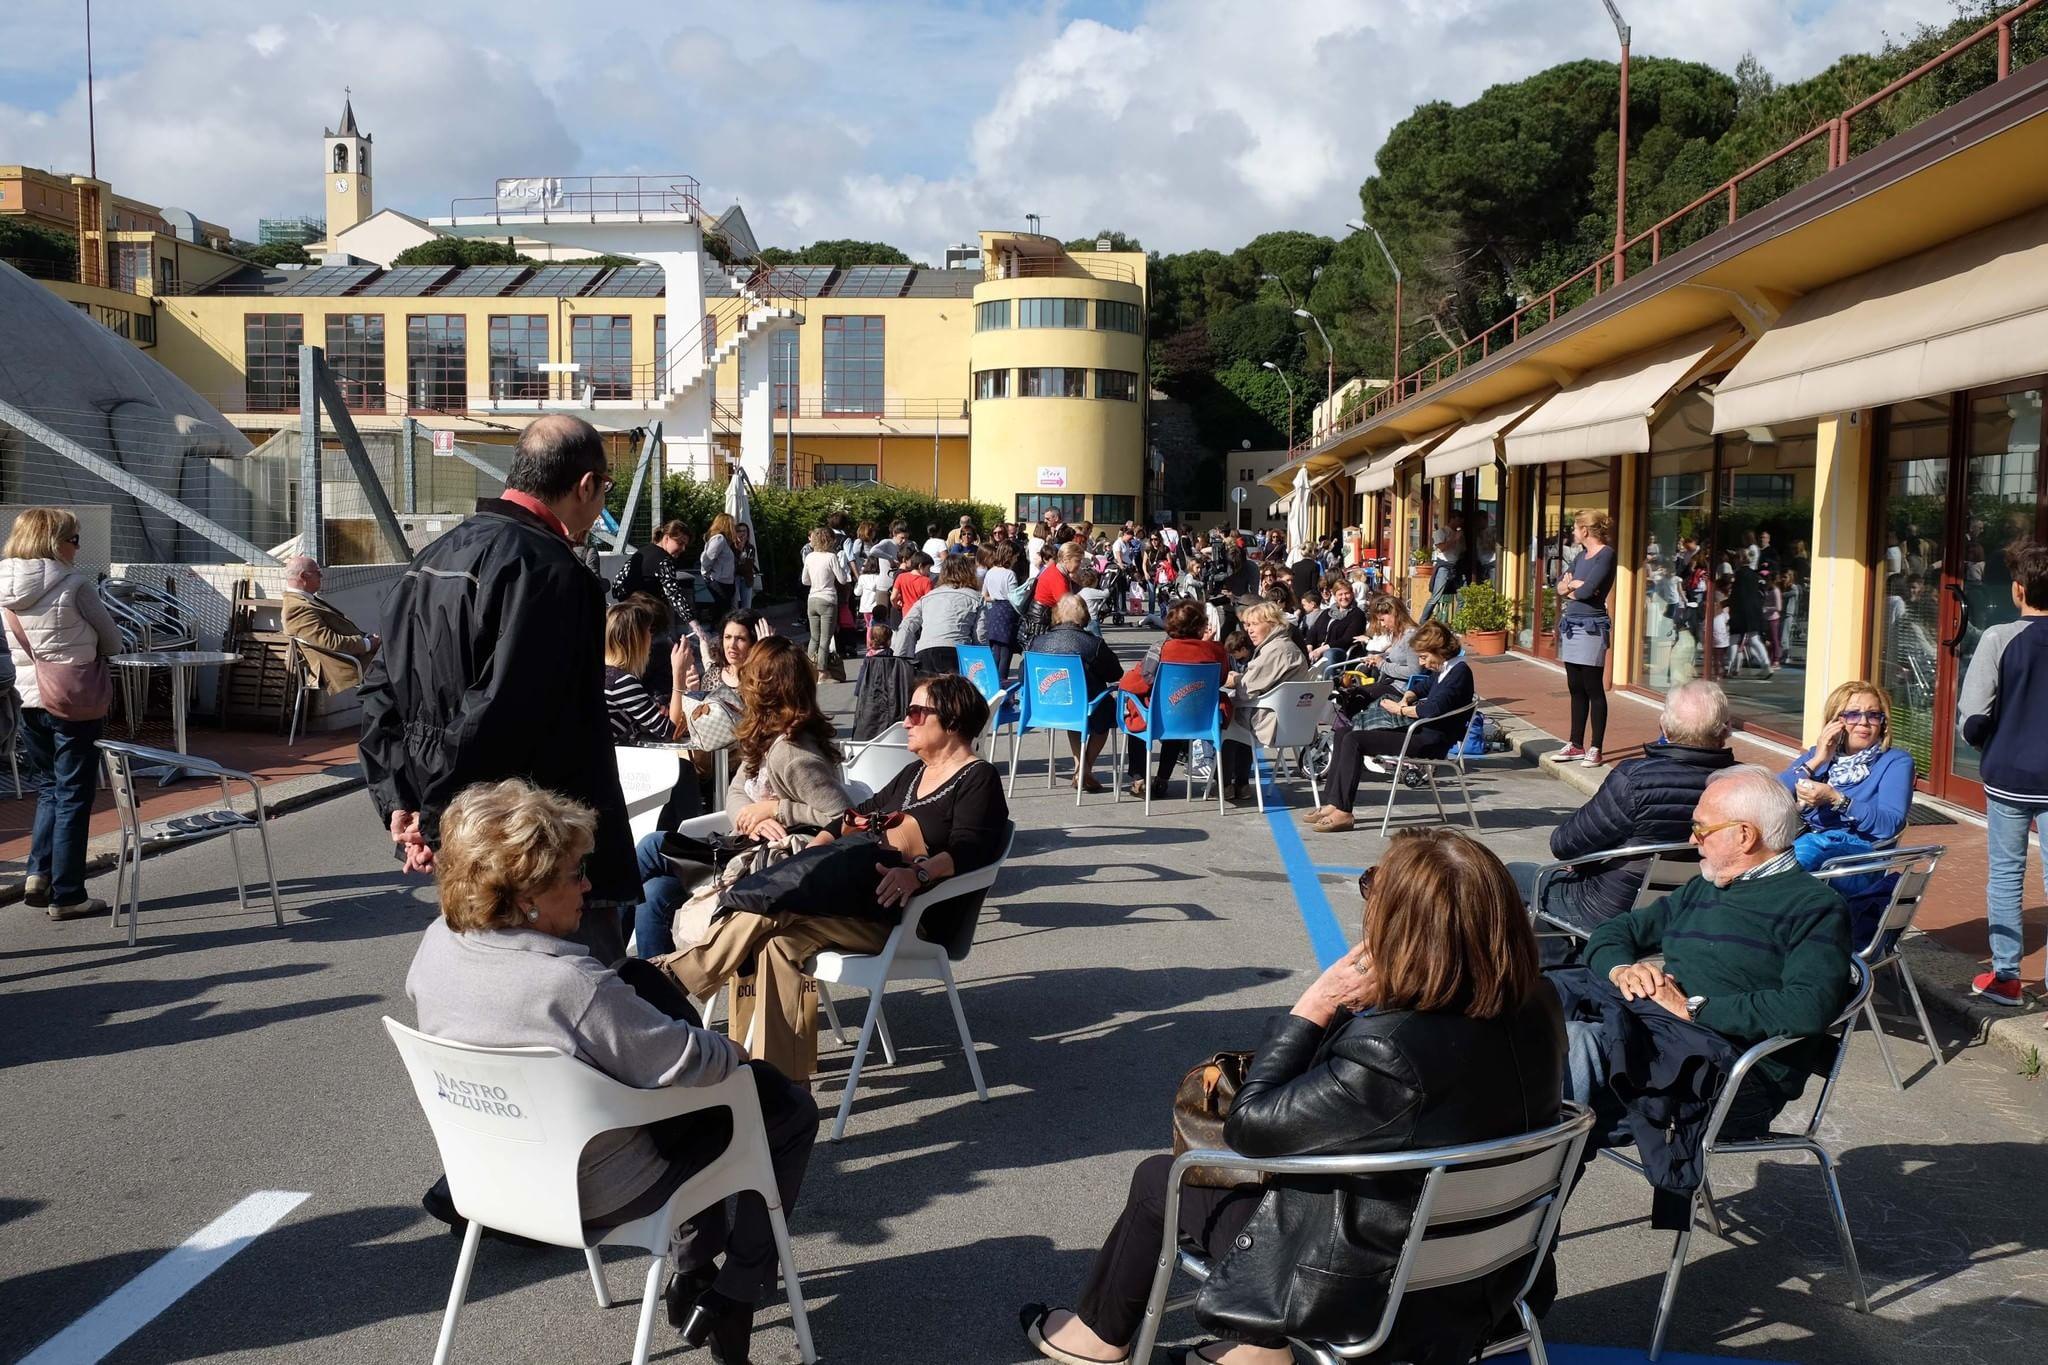 Piscine di albaro giallo dopo la protesta il gestore paga solo cento euro di affitto - Prezzi piscine albaro ...